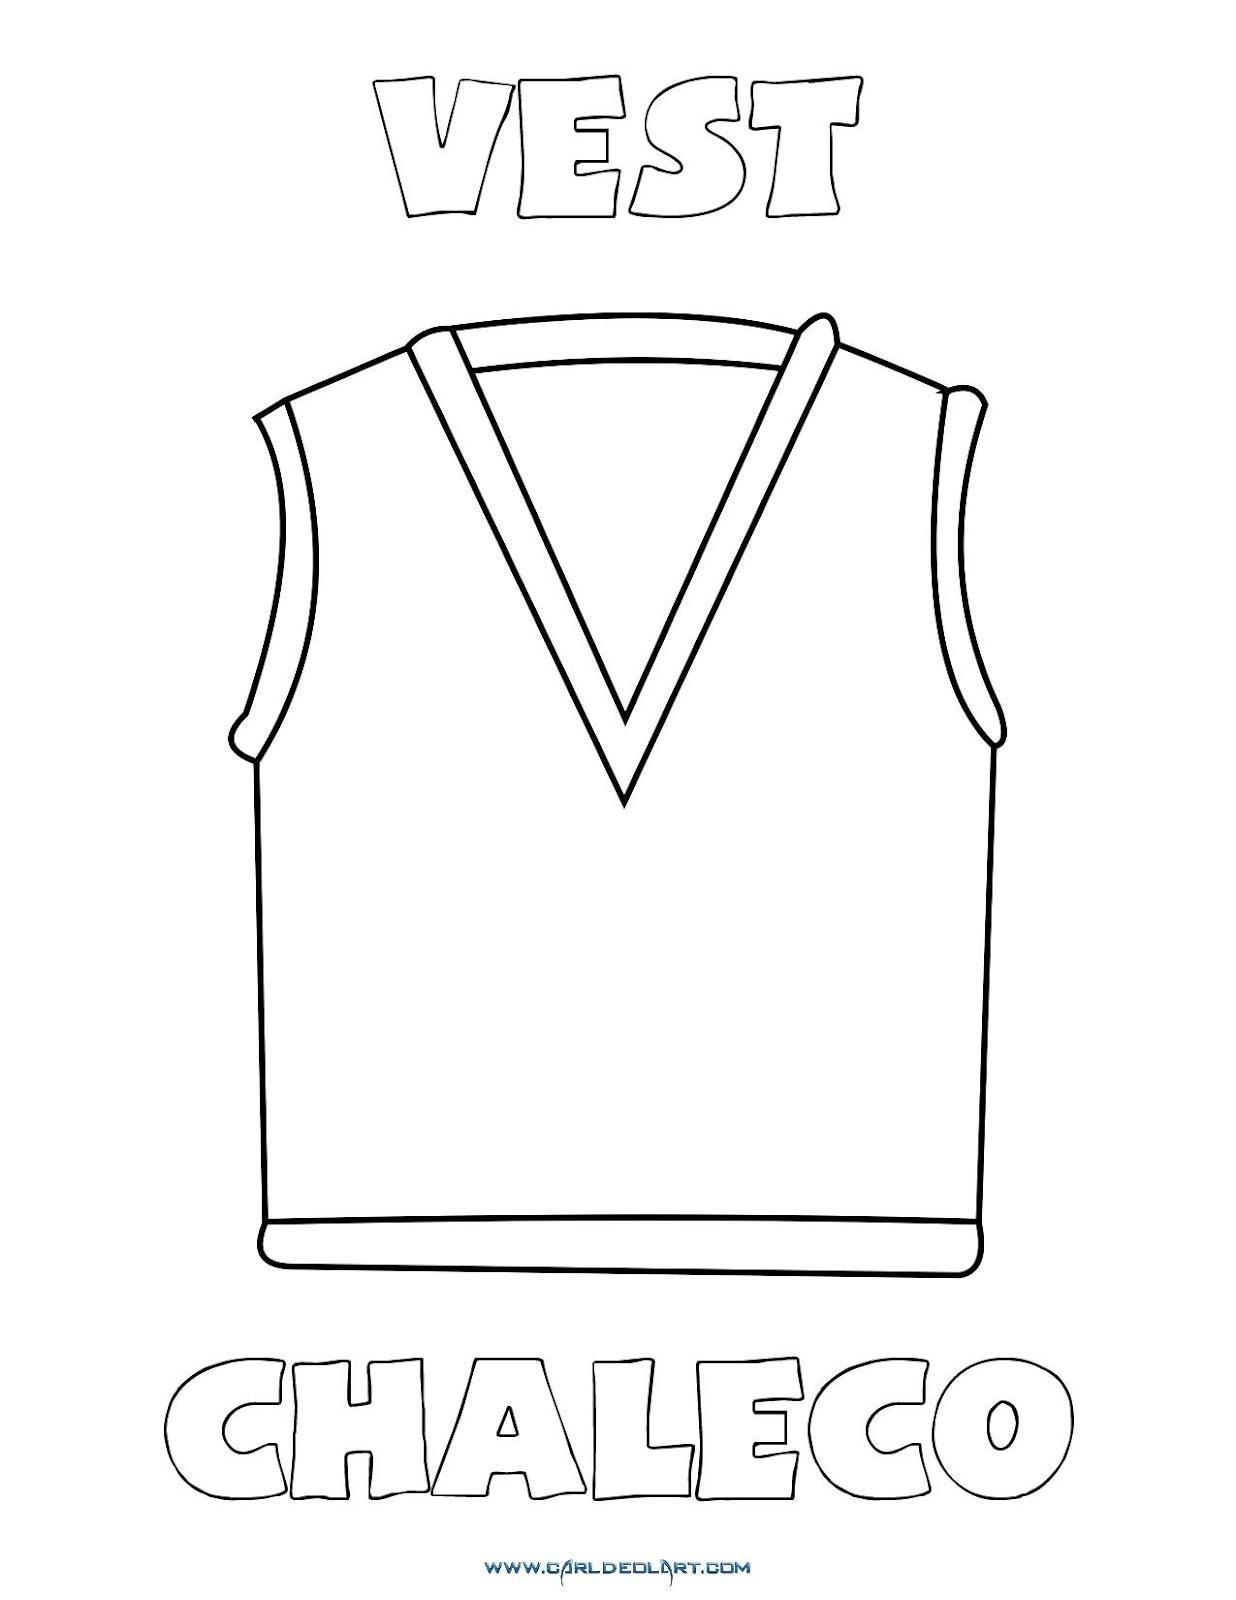 Dibujos Inglés Español Con Ch Chaleco Vest